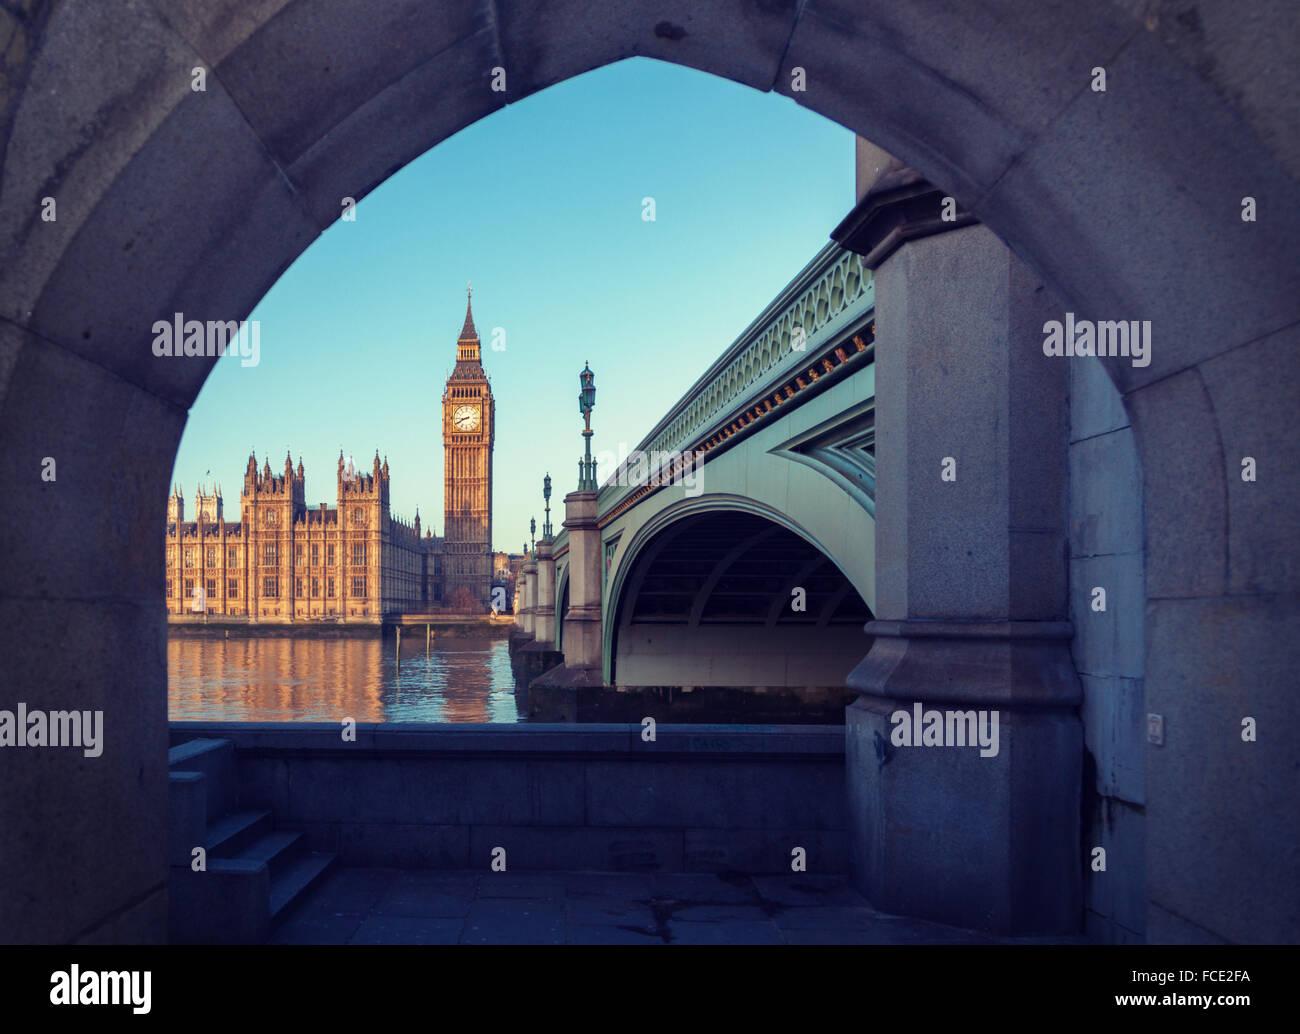 Famoso Big Ben torre del reloj en el centro de Londres Imagen De Stock